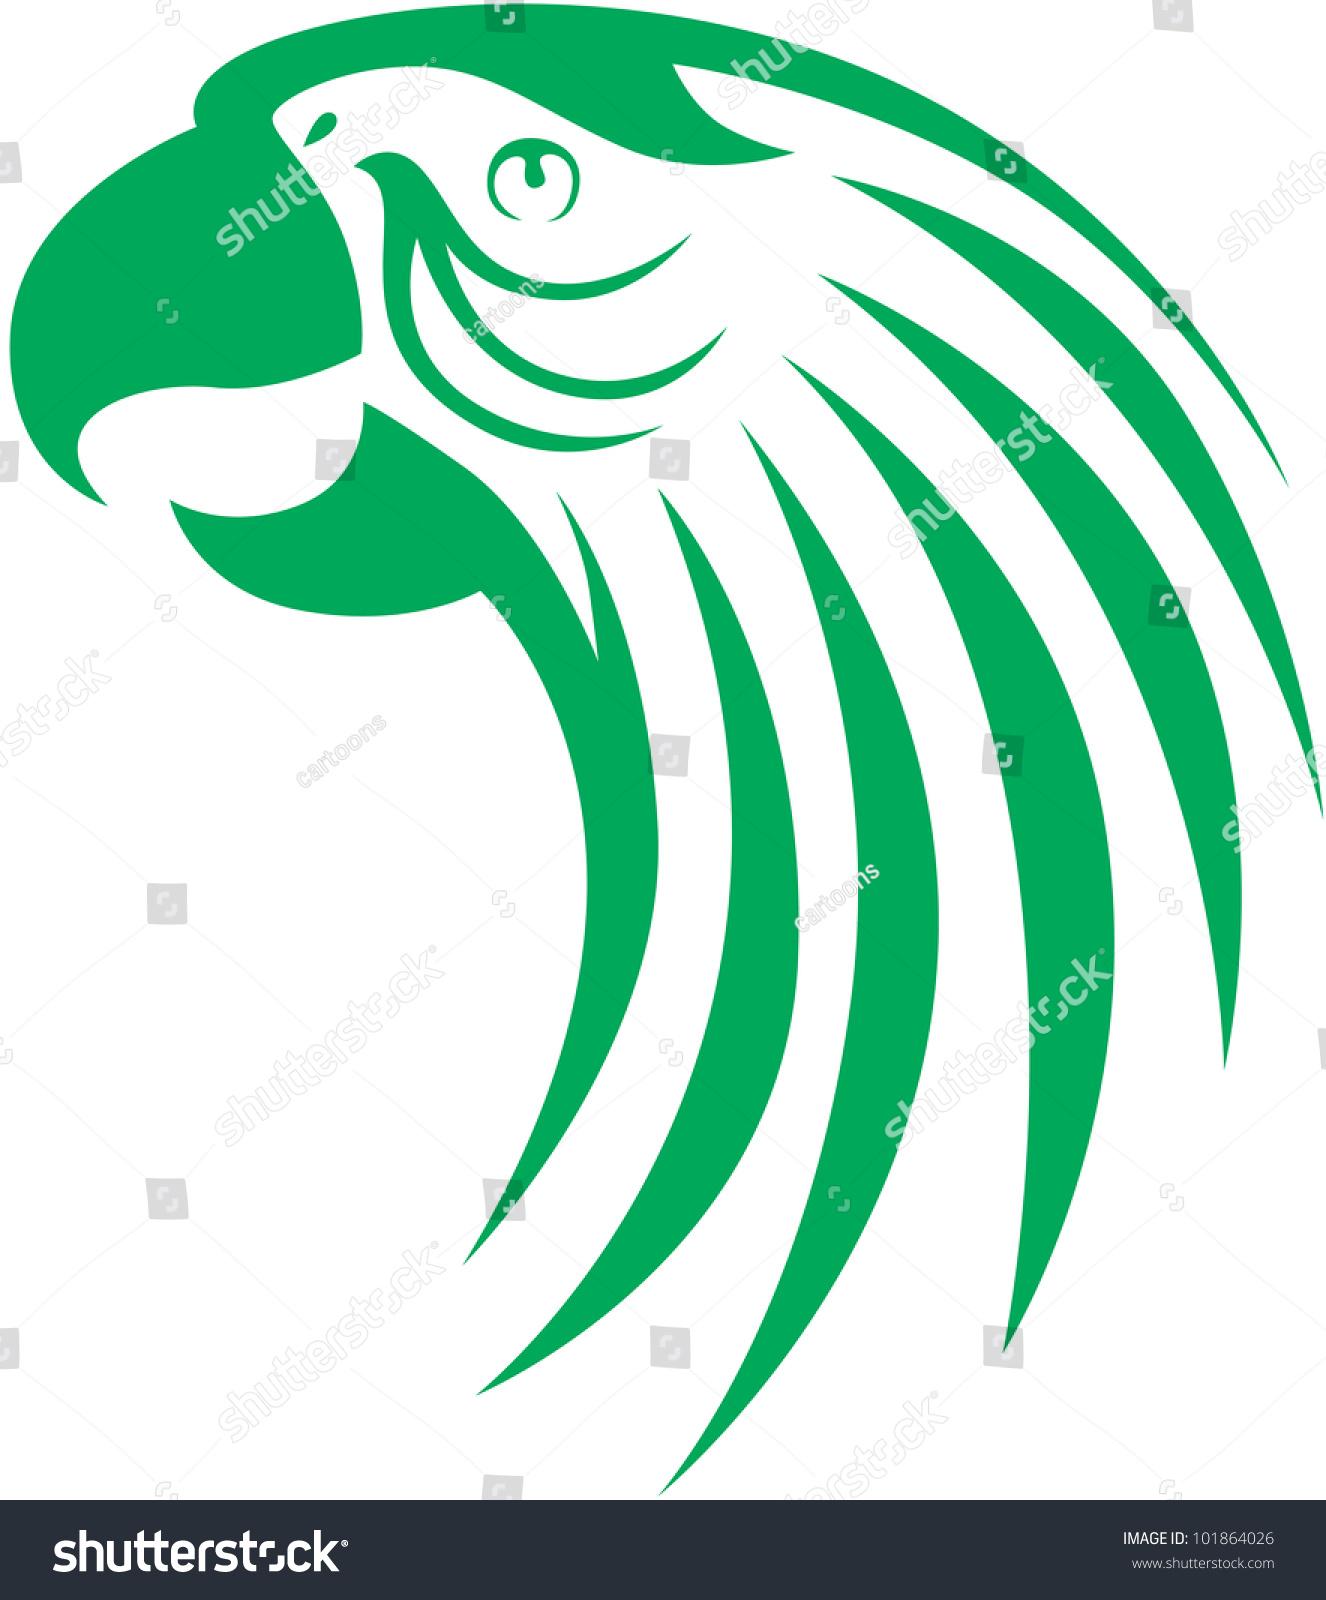 logo logo 标志 设计 矢量 矢量图 素材 图标 1325_1600